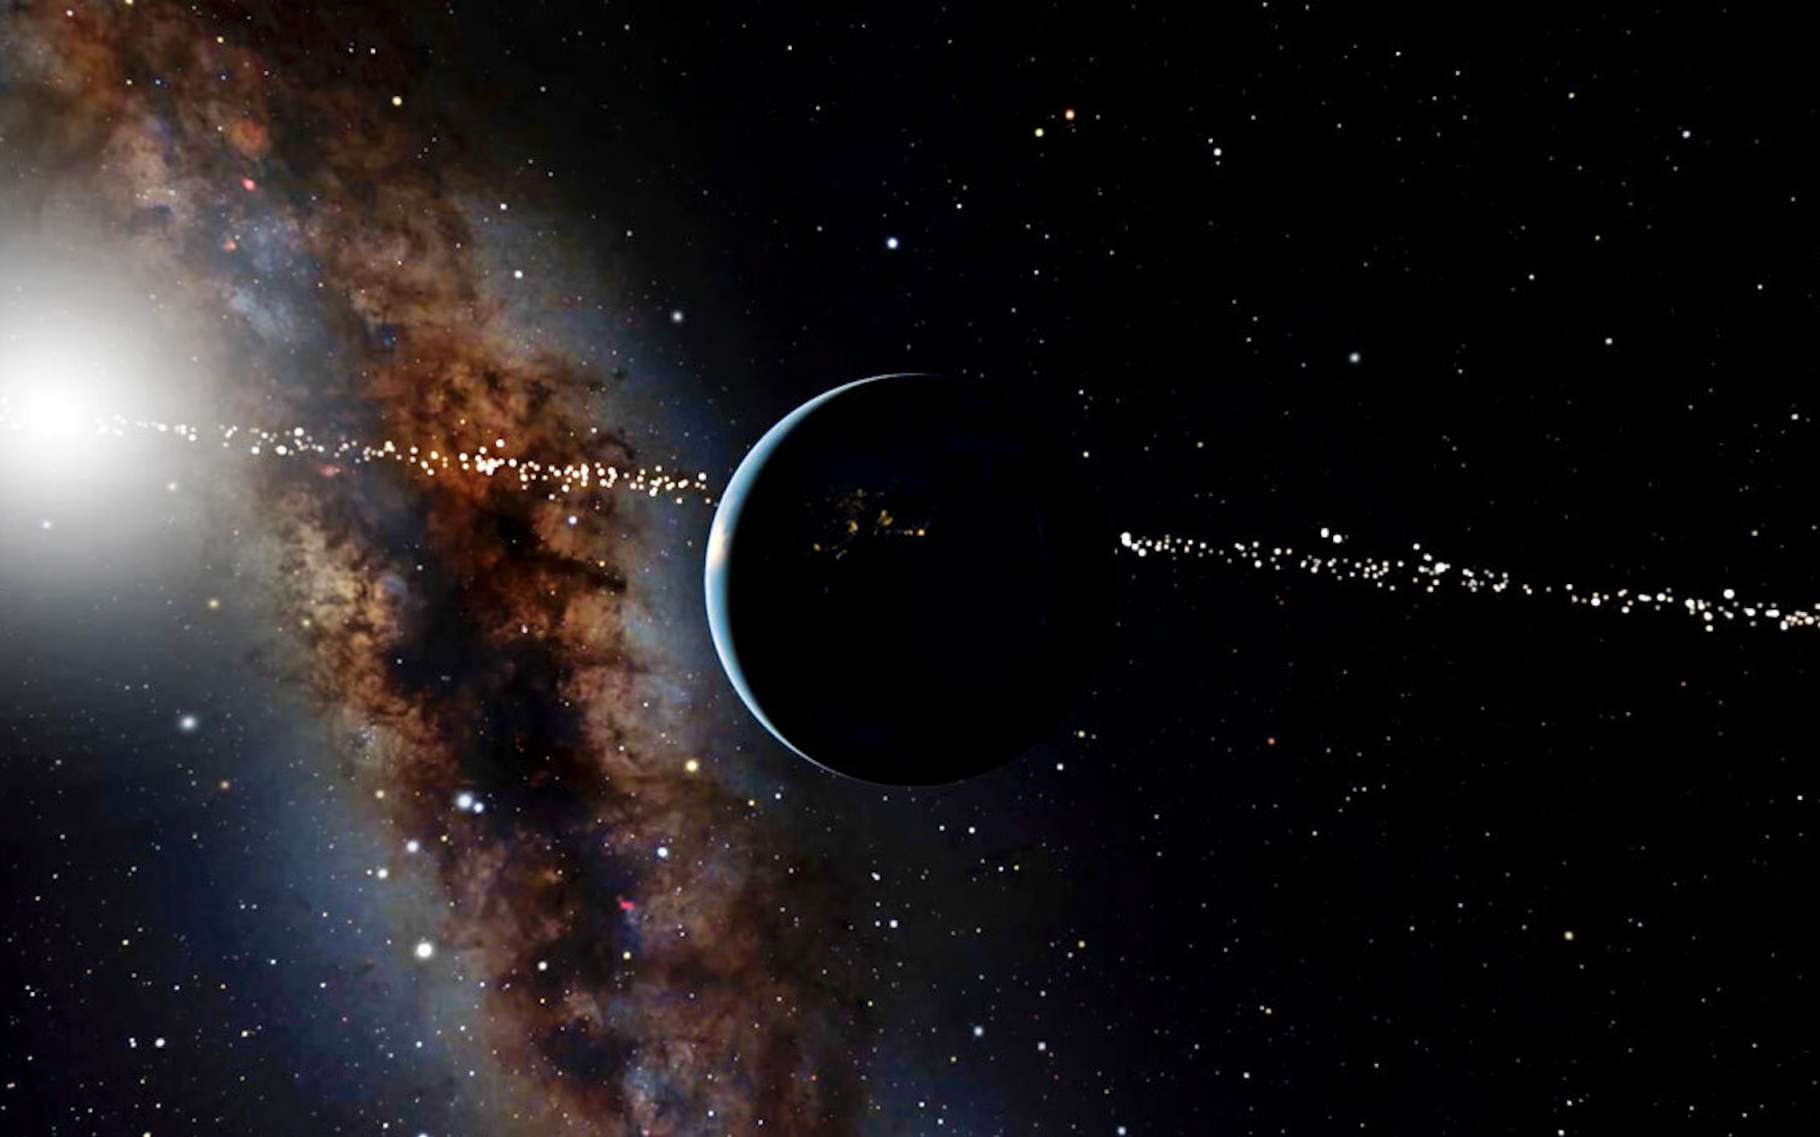 Des chercheurs de l'université Cornell (États-Unis) et du Muséum américain d'histoire naturelle ont identifié des étoiles qui entrent et sortent d'une position depuis laquelle elles peuvent voir la Terre comme une planète en transit autour de notre Soleil. © OpenSpace, Musée américain d'histoire naturelle